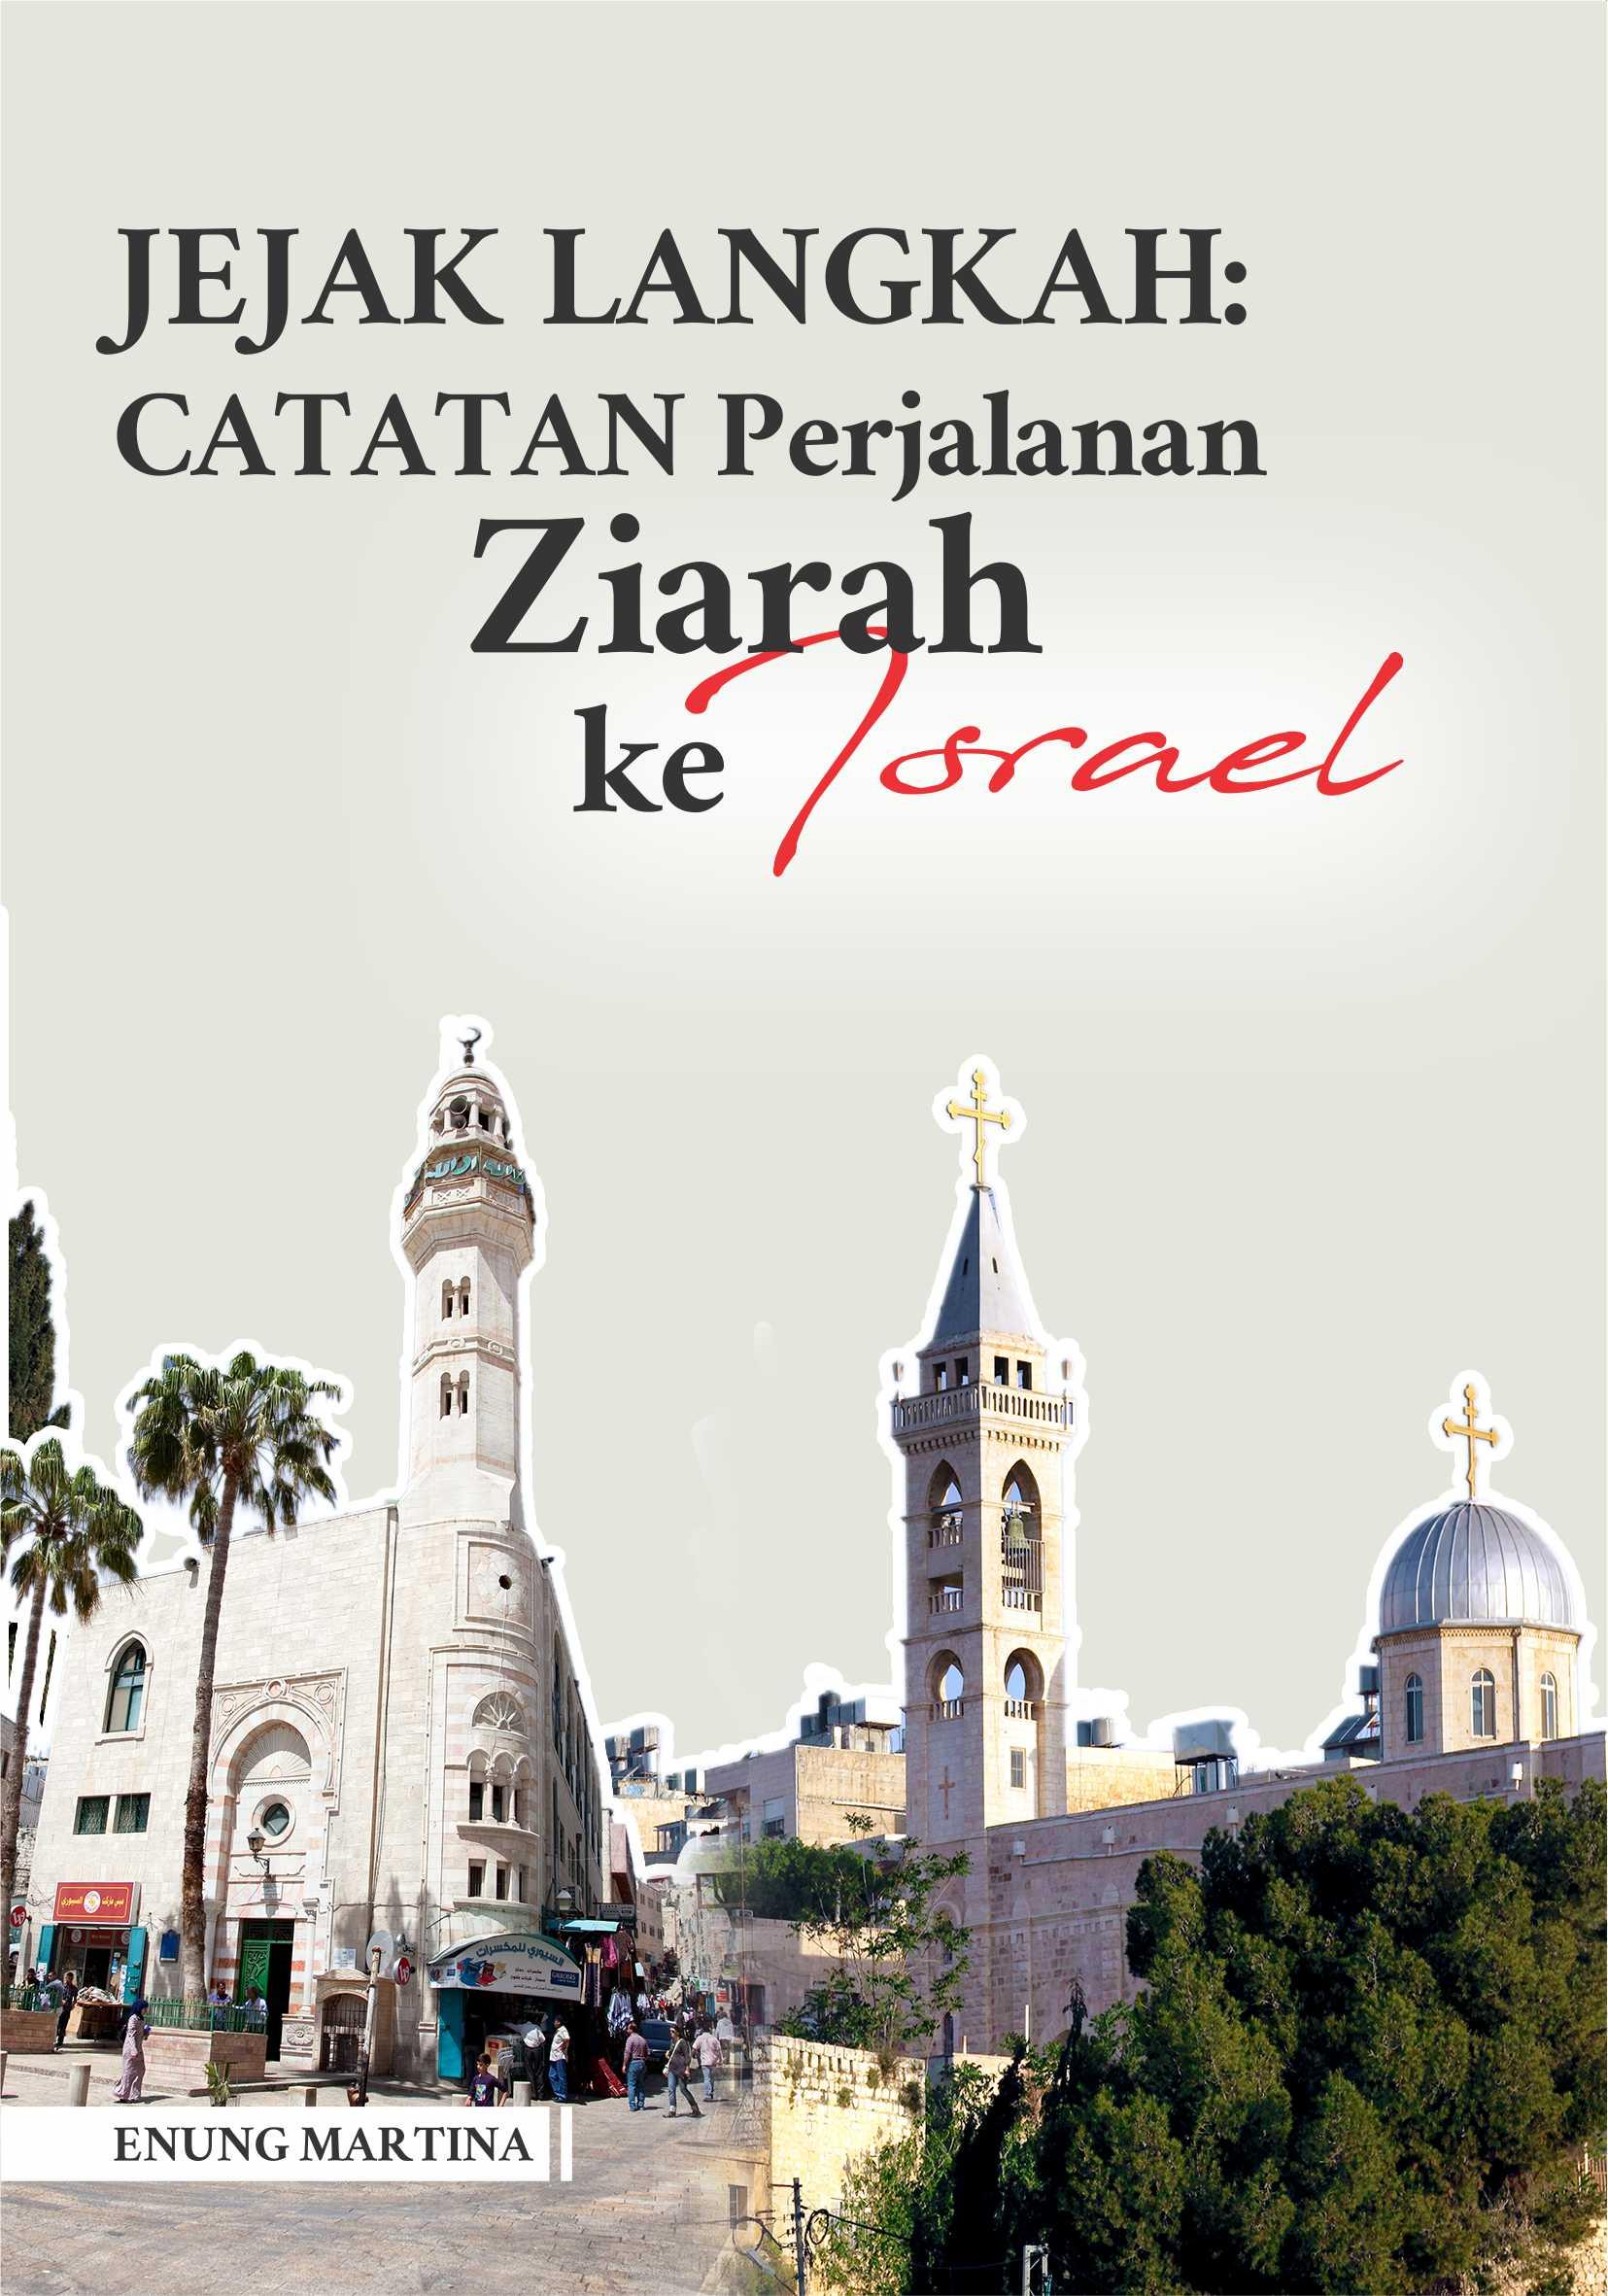 Jejak langkah : [sumber elektronis] catatan perjalanan ziarah ke Israel (kardiotokografi)